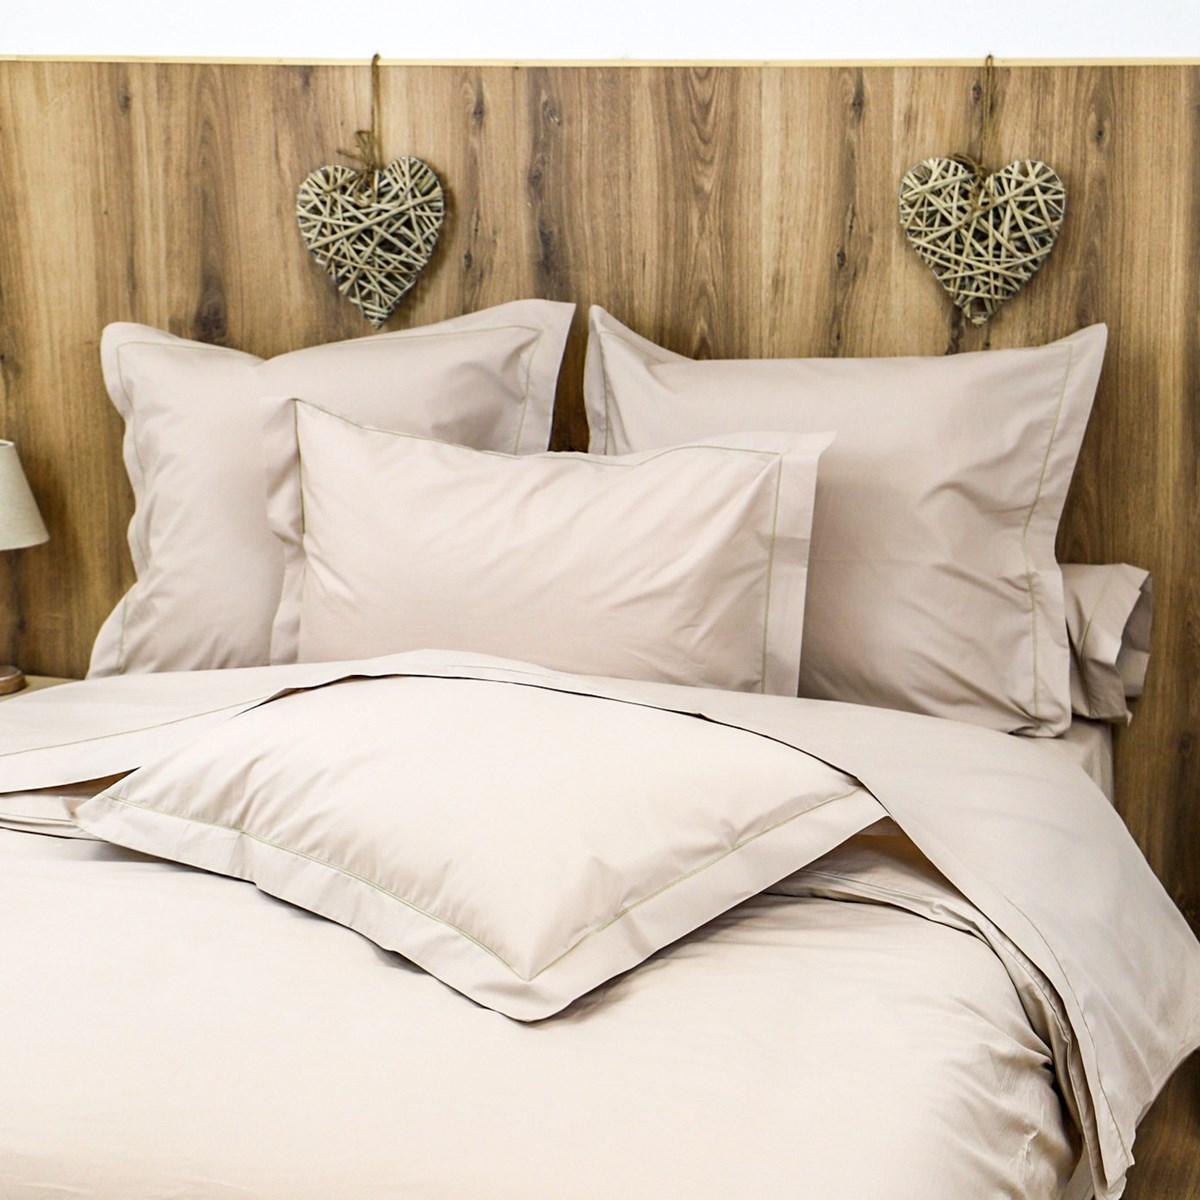 Parure drap plat et taies en percale de coton beige foncé 280x290 cm